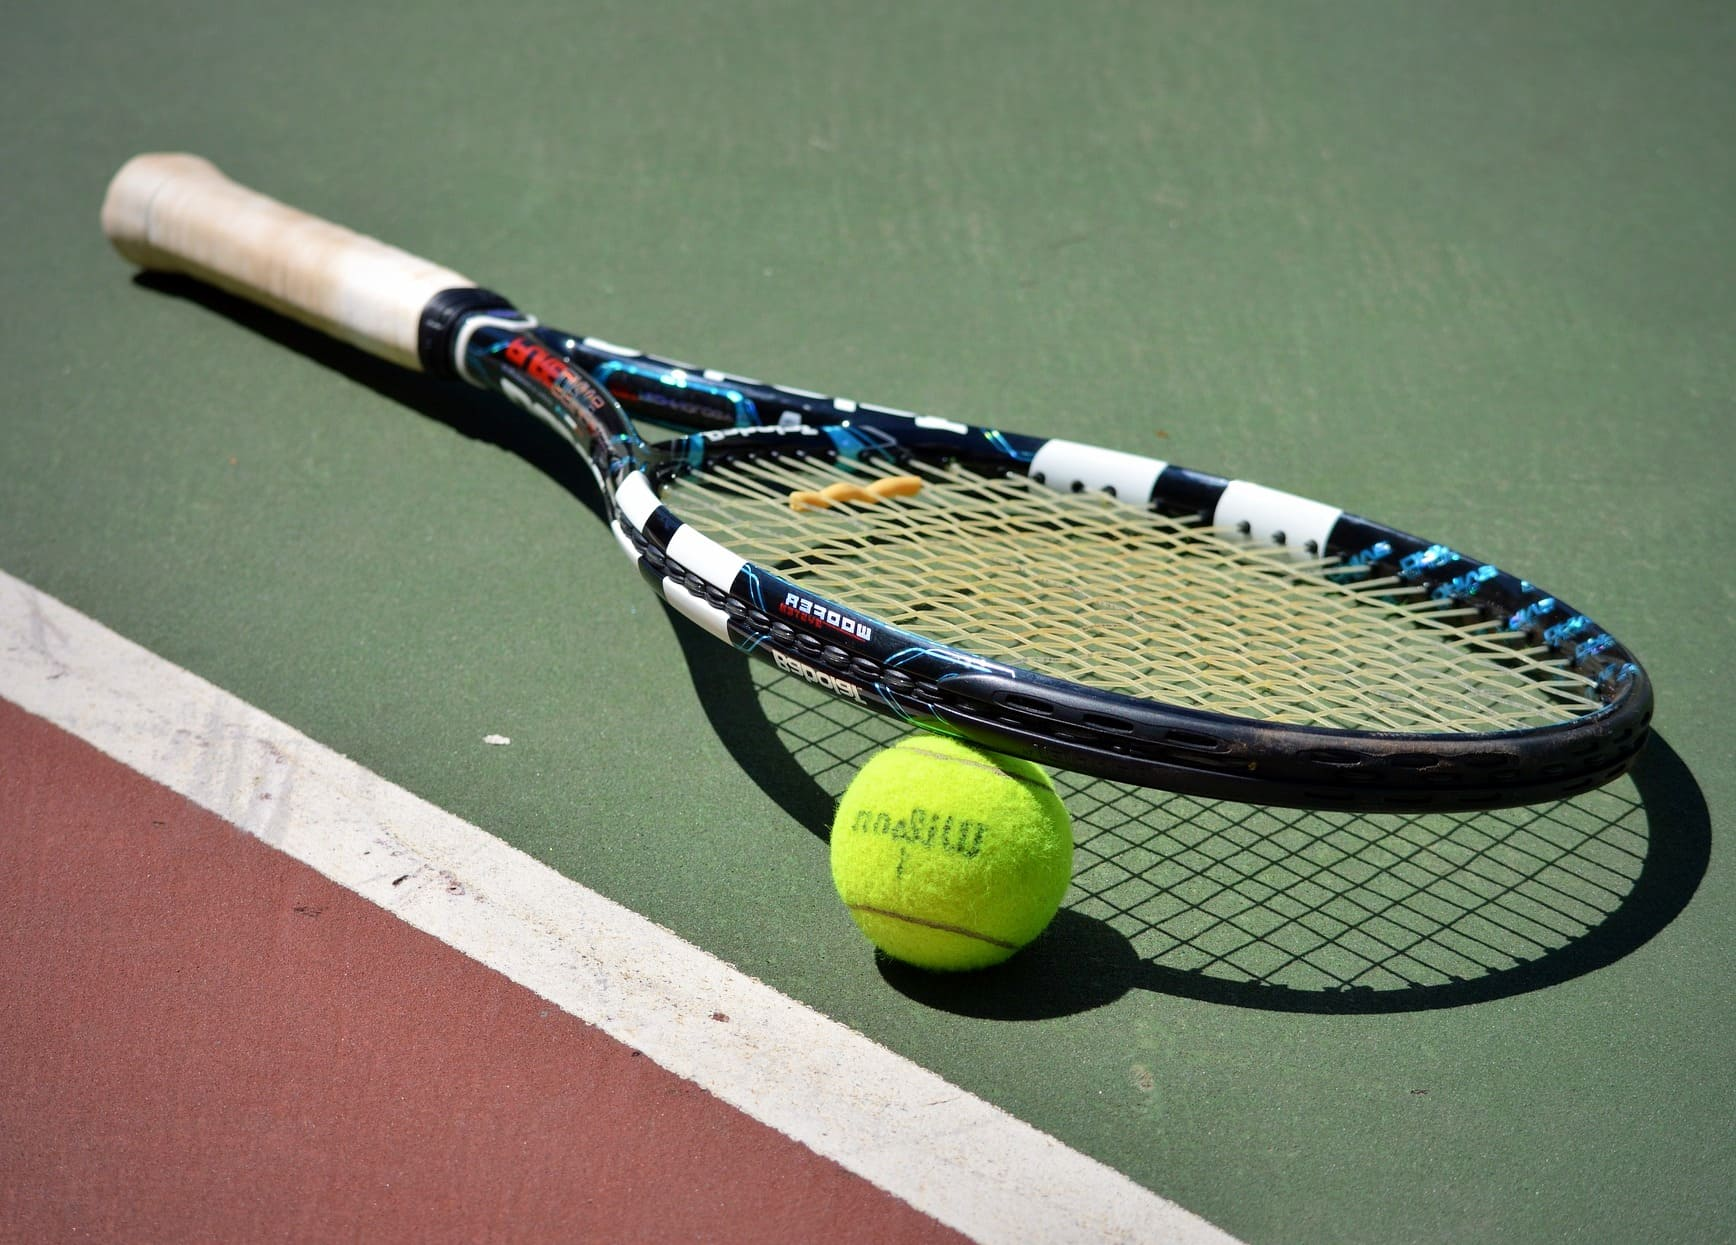 фото Товары и оборудование для тенниса